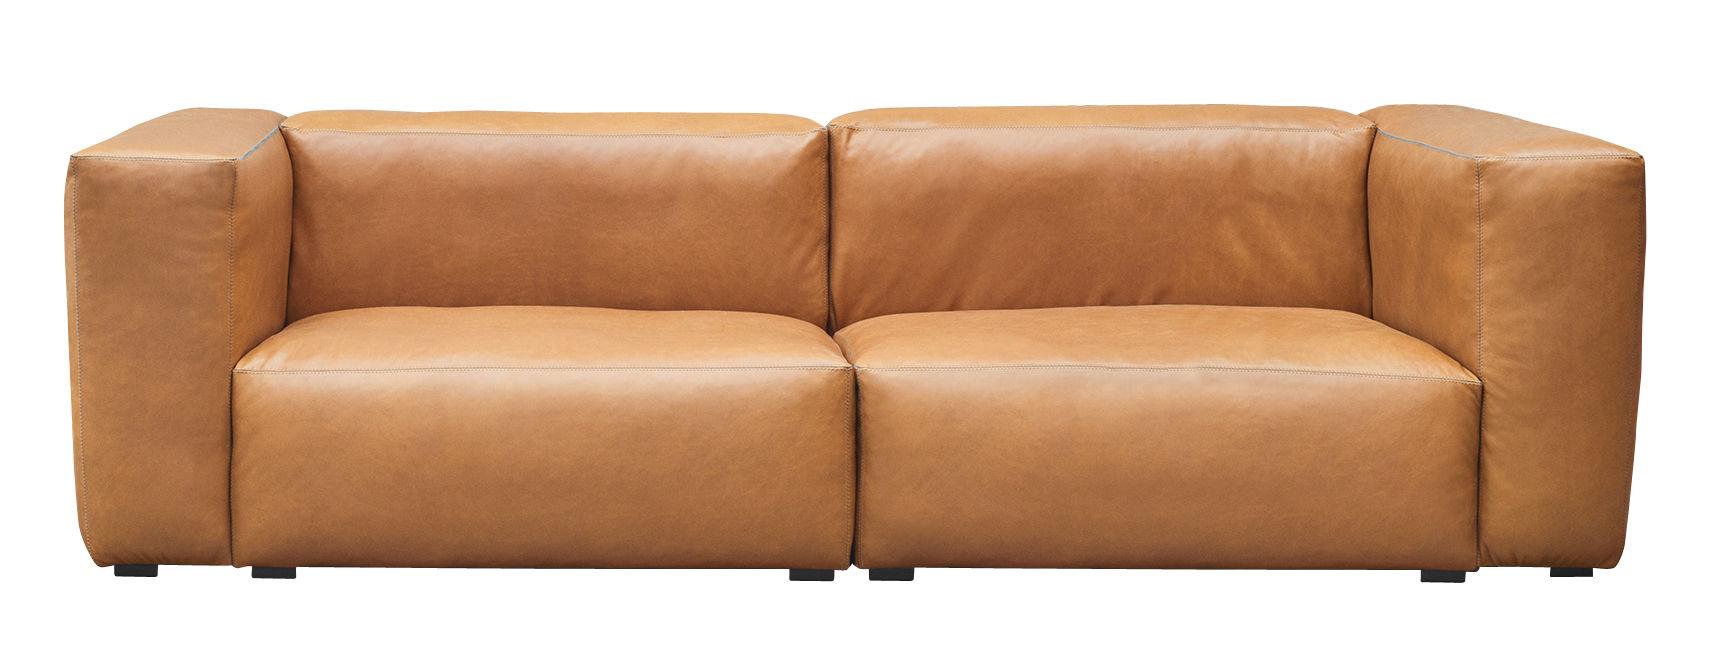 mags soft 2 bis 3 sitzer l 228 cm leder hay sofa. Black Bedroom Furniture Sets. Home Design Ideas